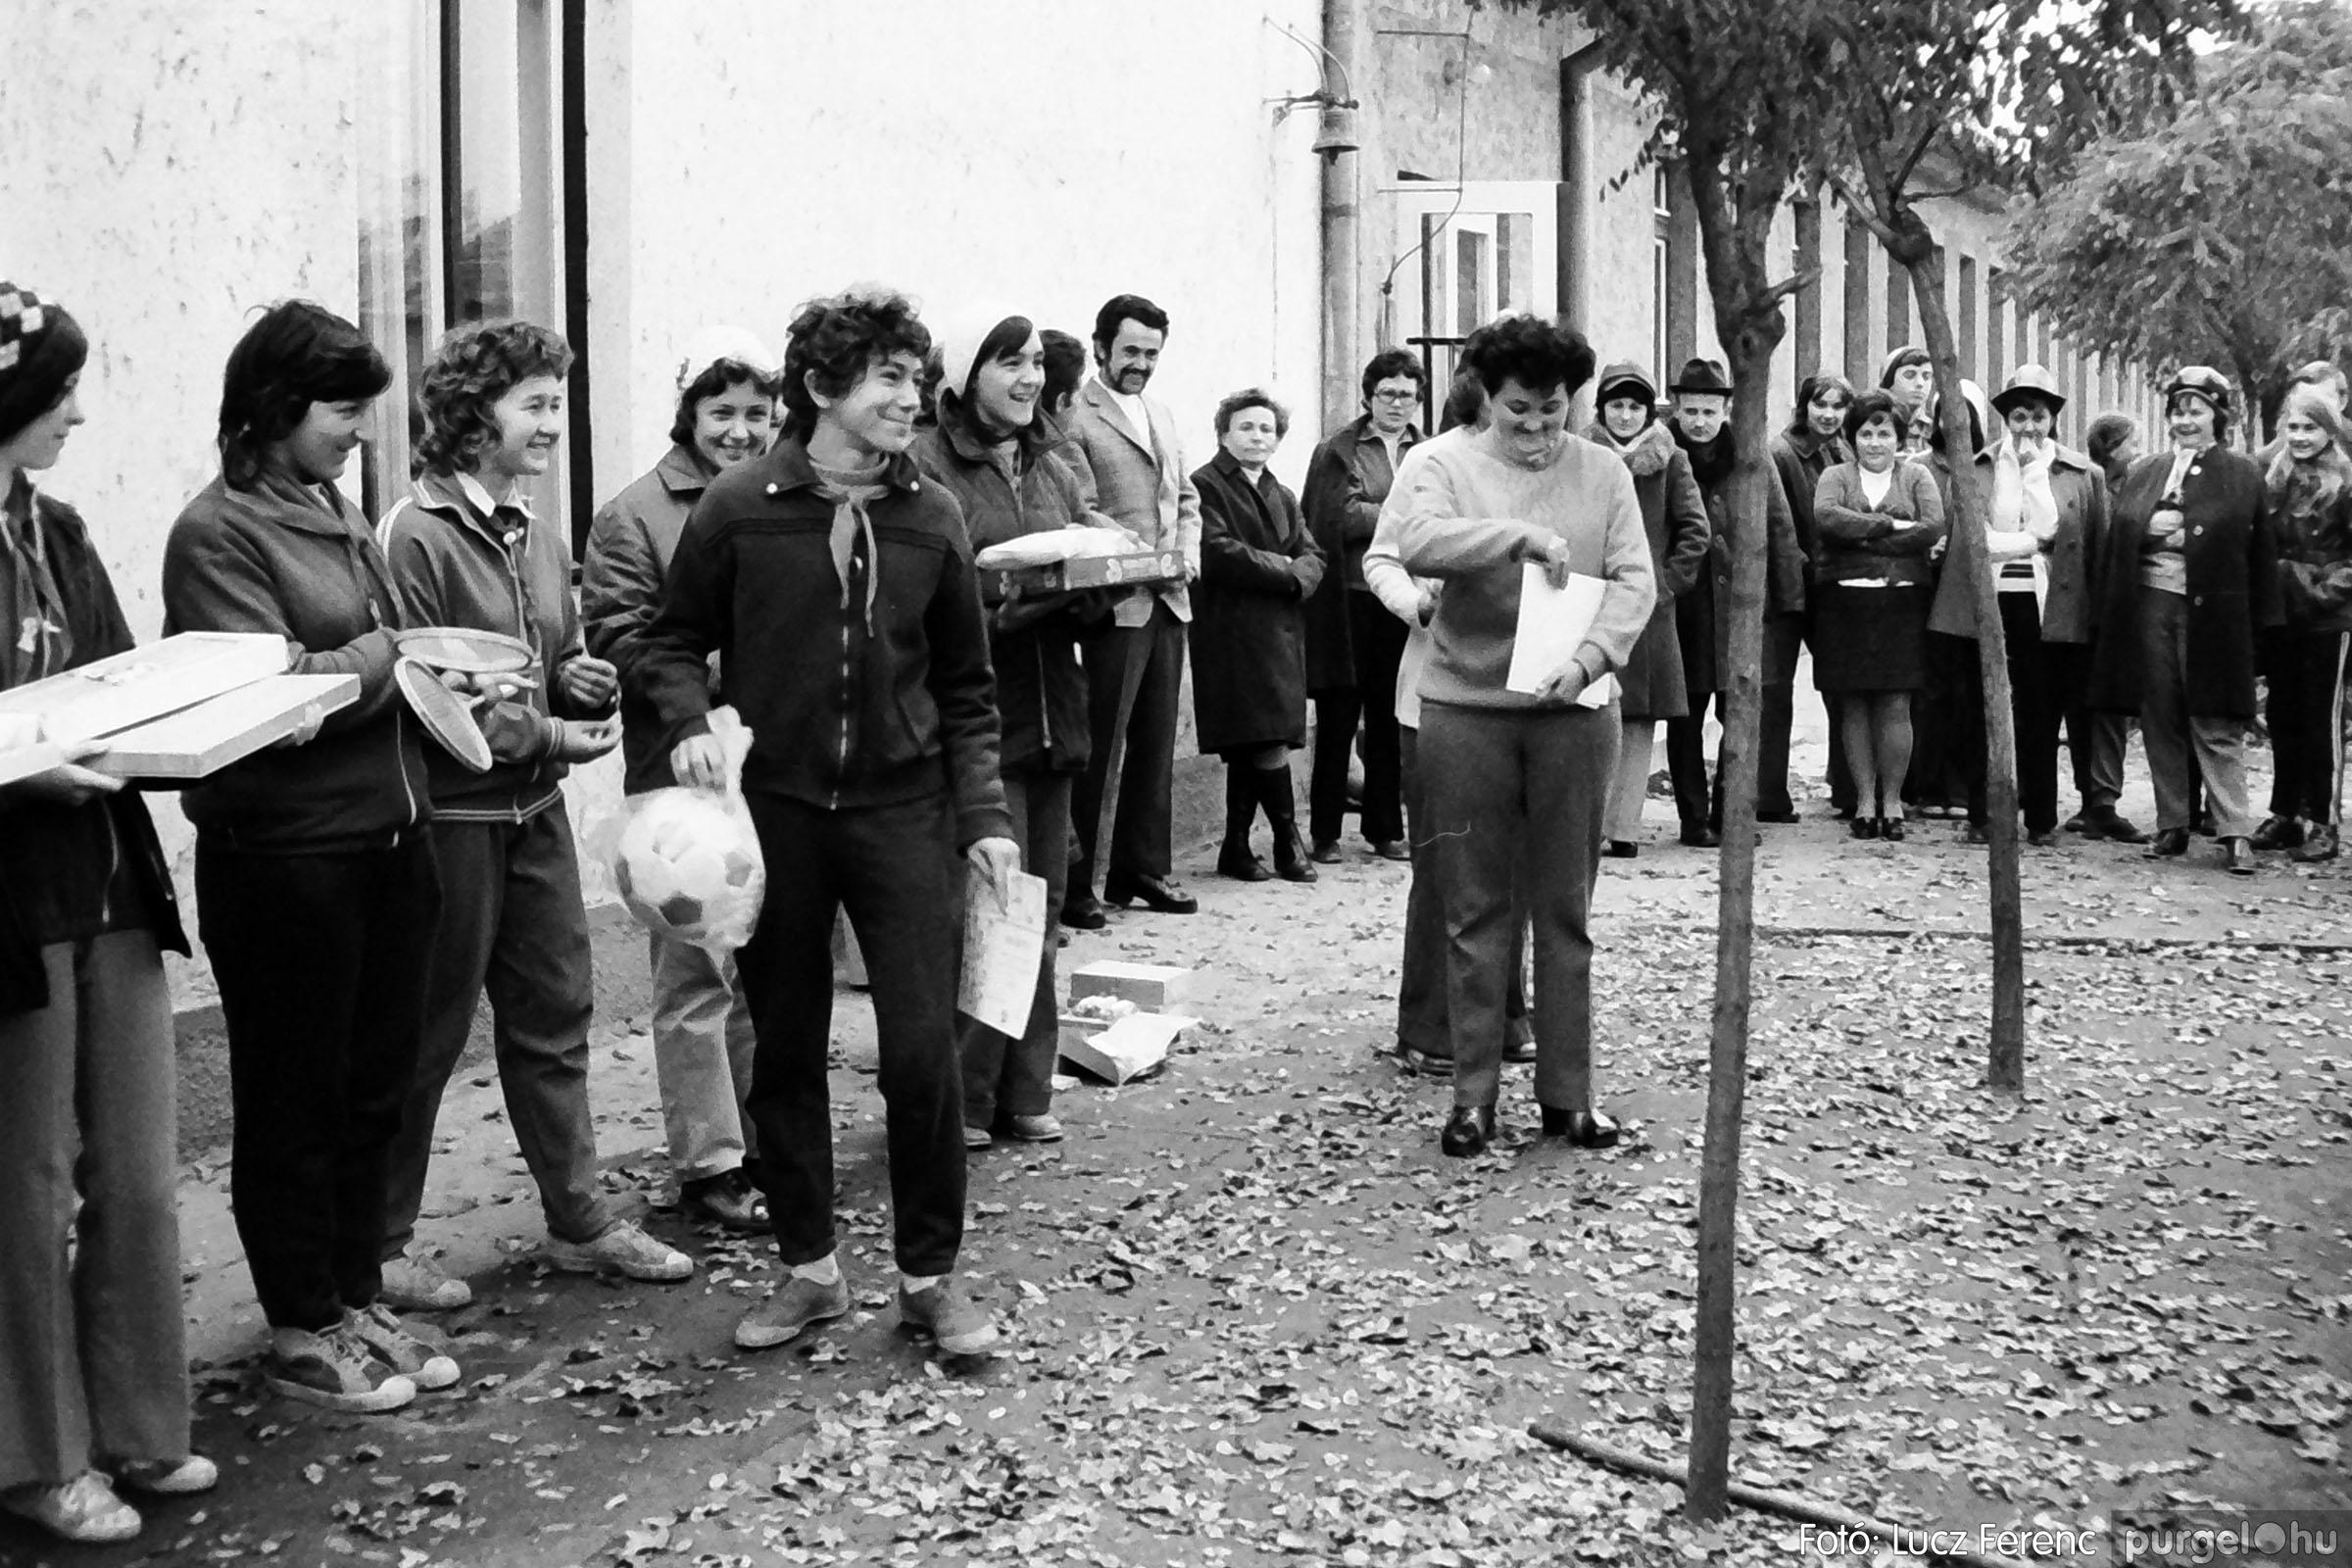 004A 1970-es évek - Úttörő rendezvény 020 - Fotó: Lucz Ferenc IMG00031q.jpg